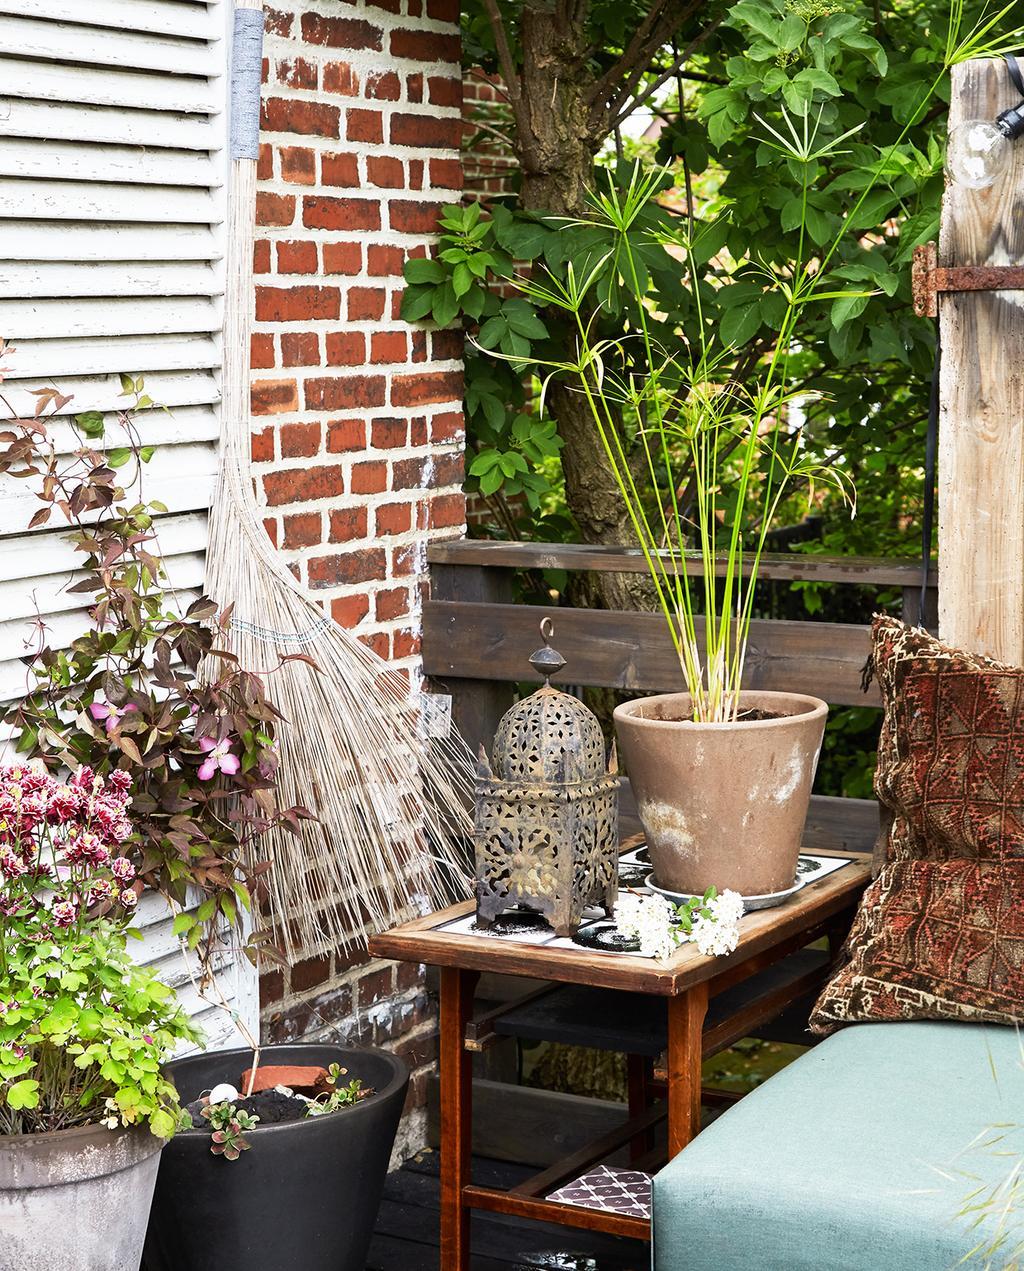 vtwonen tuin special 1 | tuin met uitgedeelte en Marrakech stijl